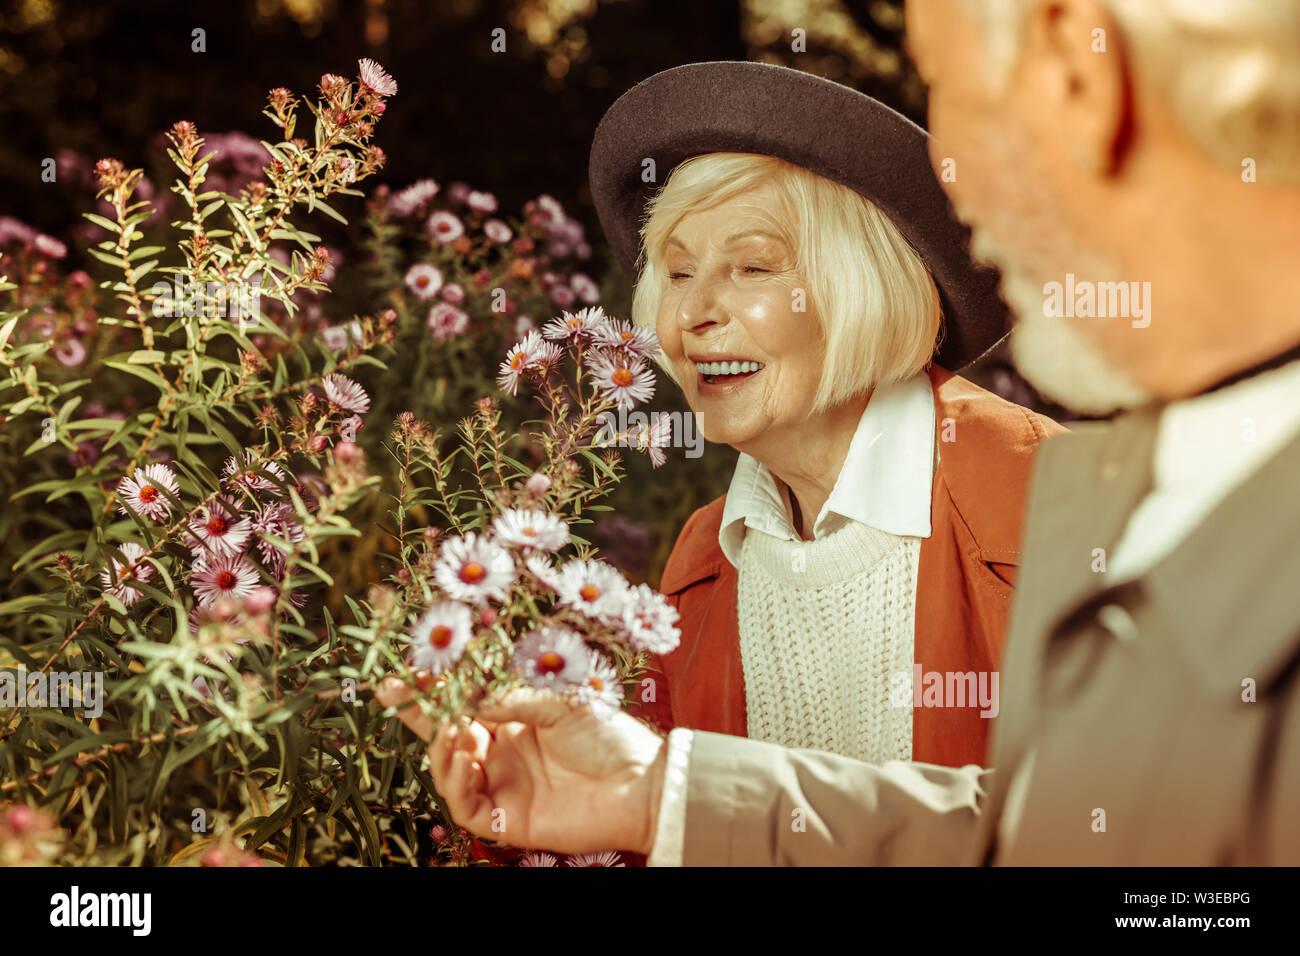 Vieille dame souriant à l'inhalation de belles fleurs. Photo Stock